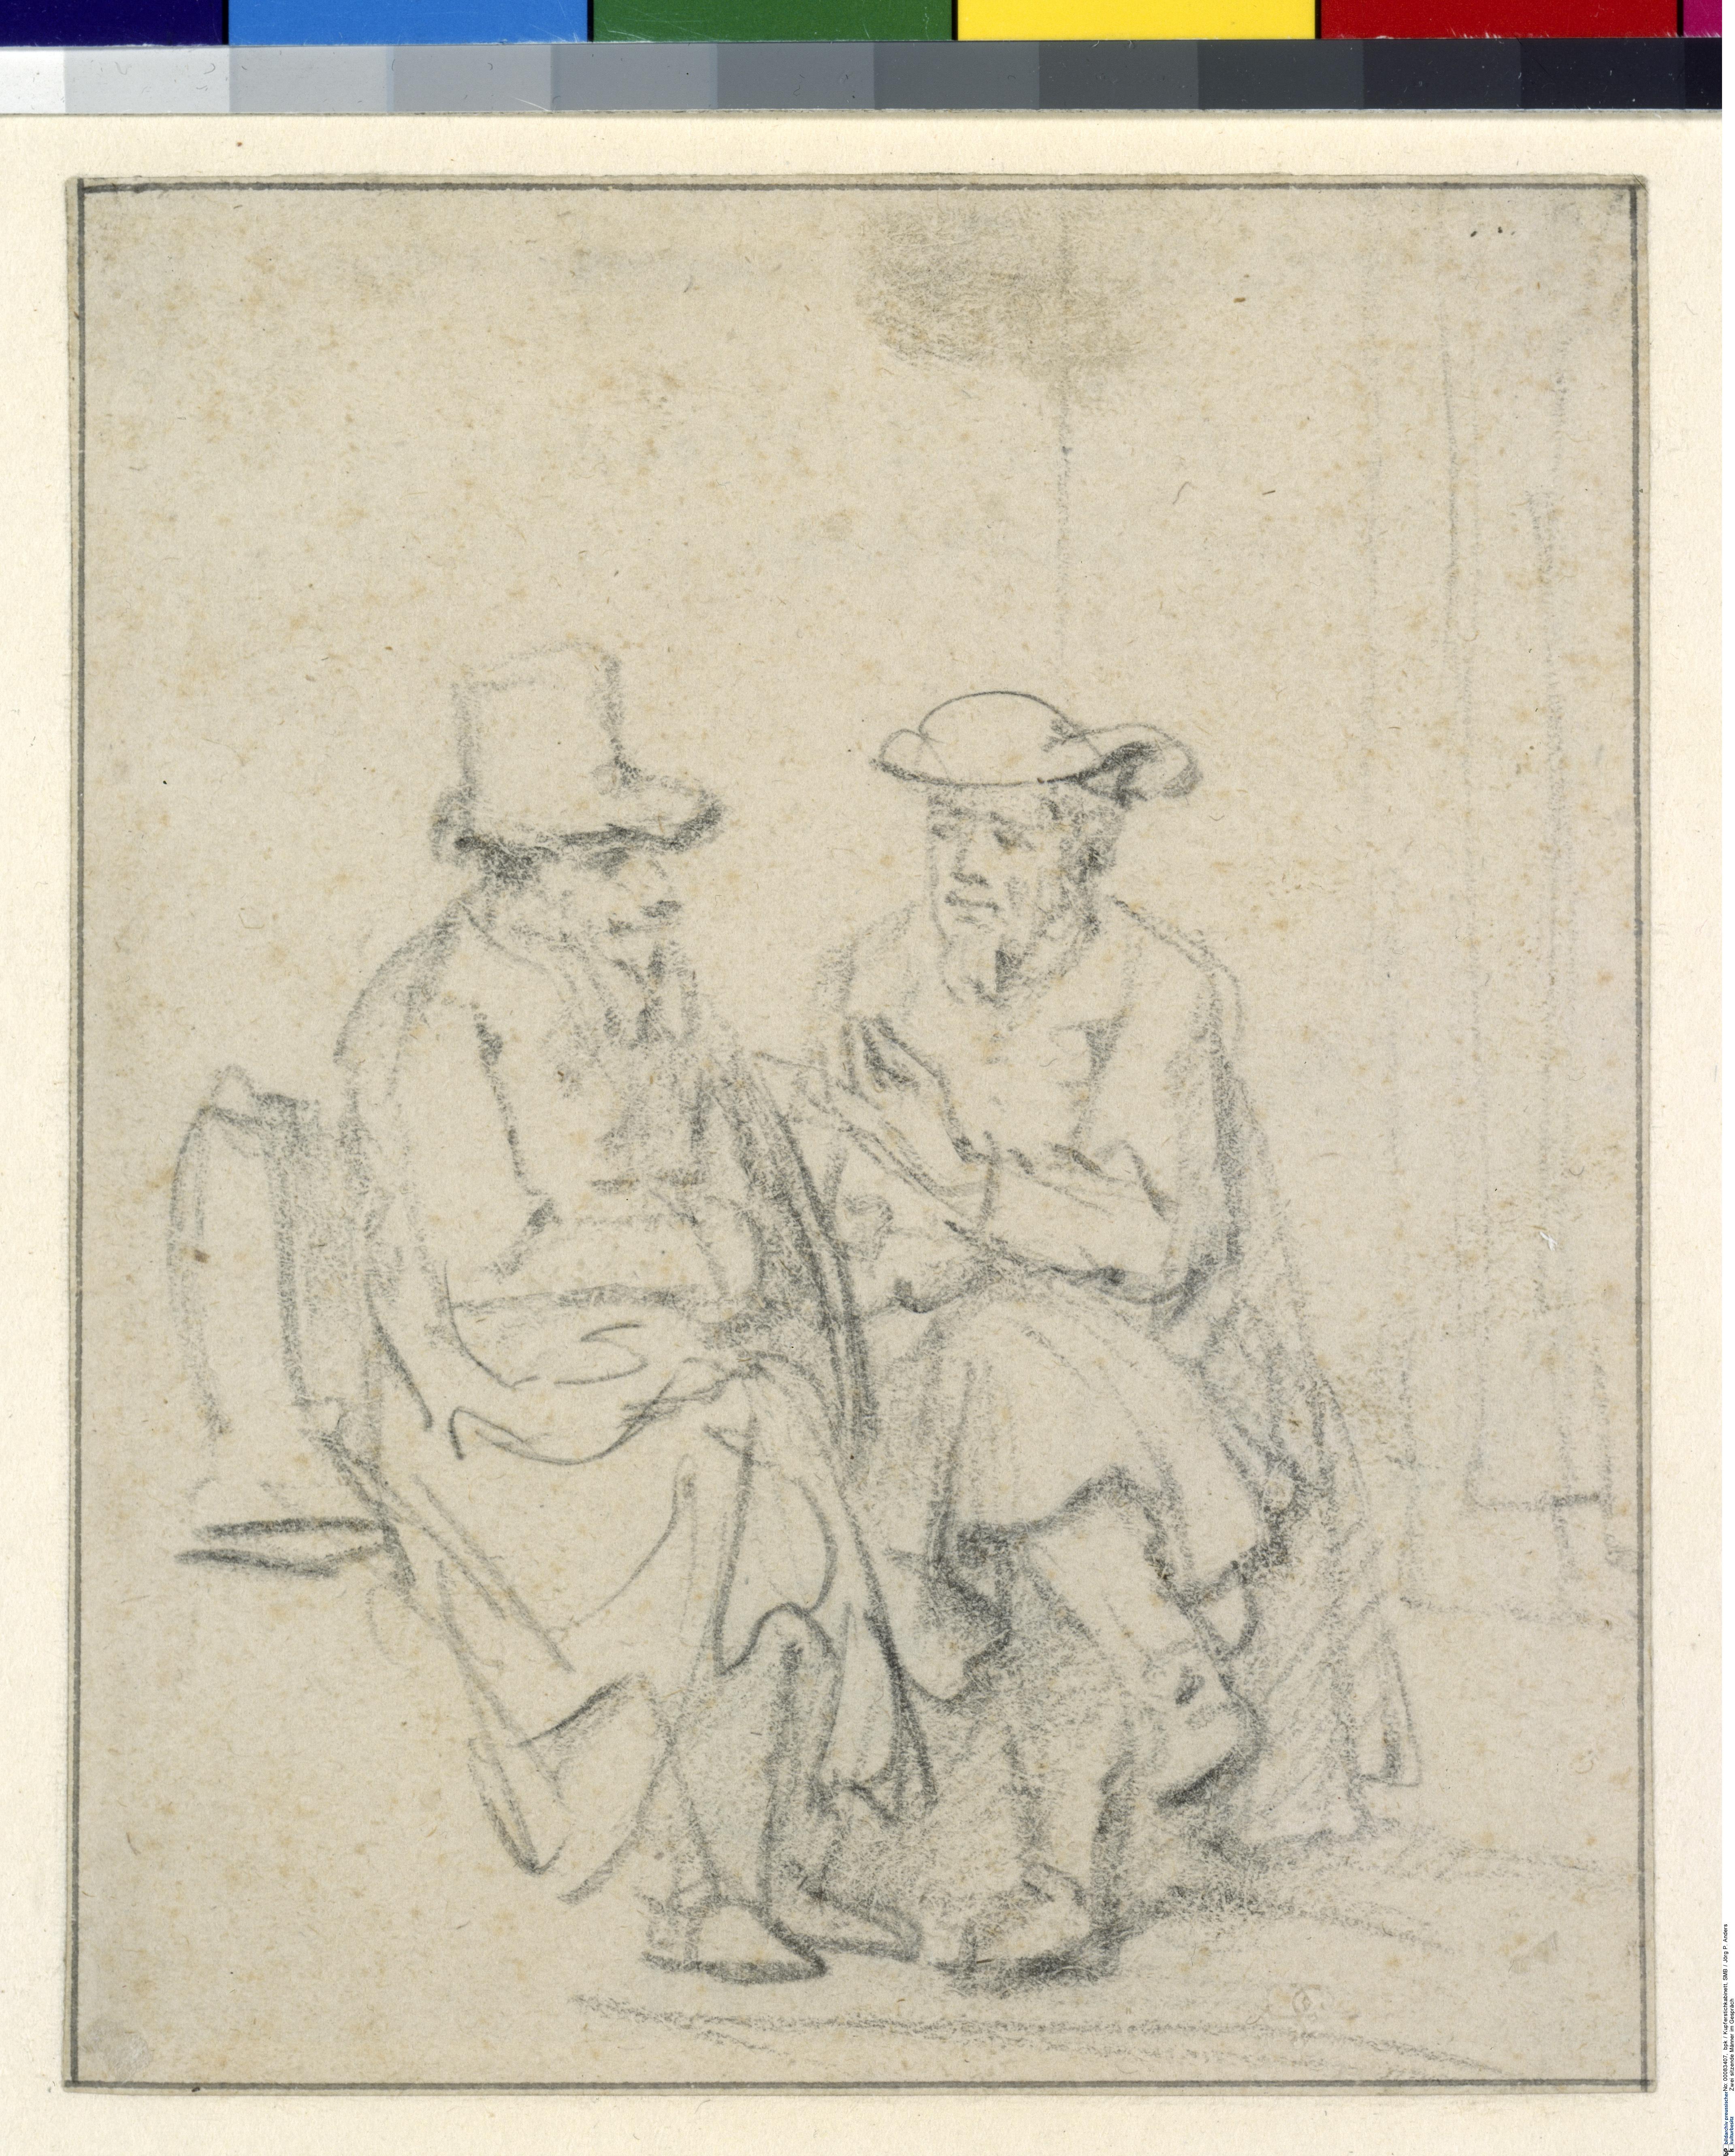 Rembrandt, Twee zittende mannen in gesprek, Staatliche Museen